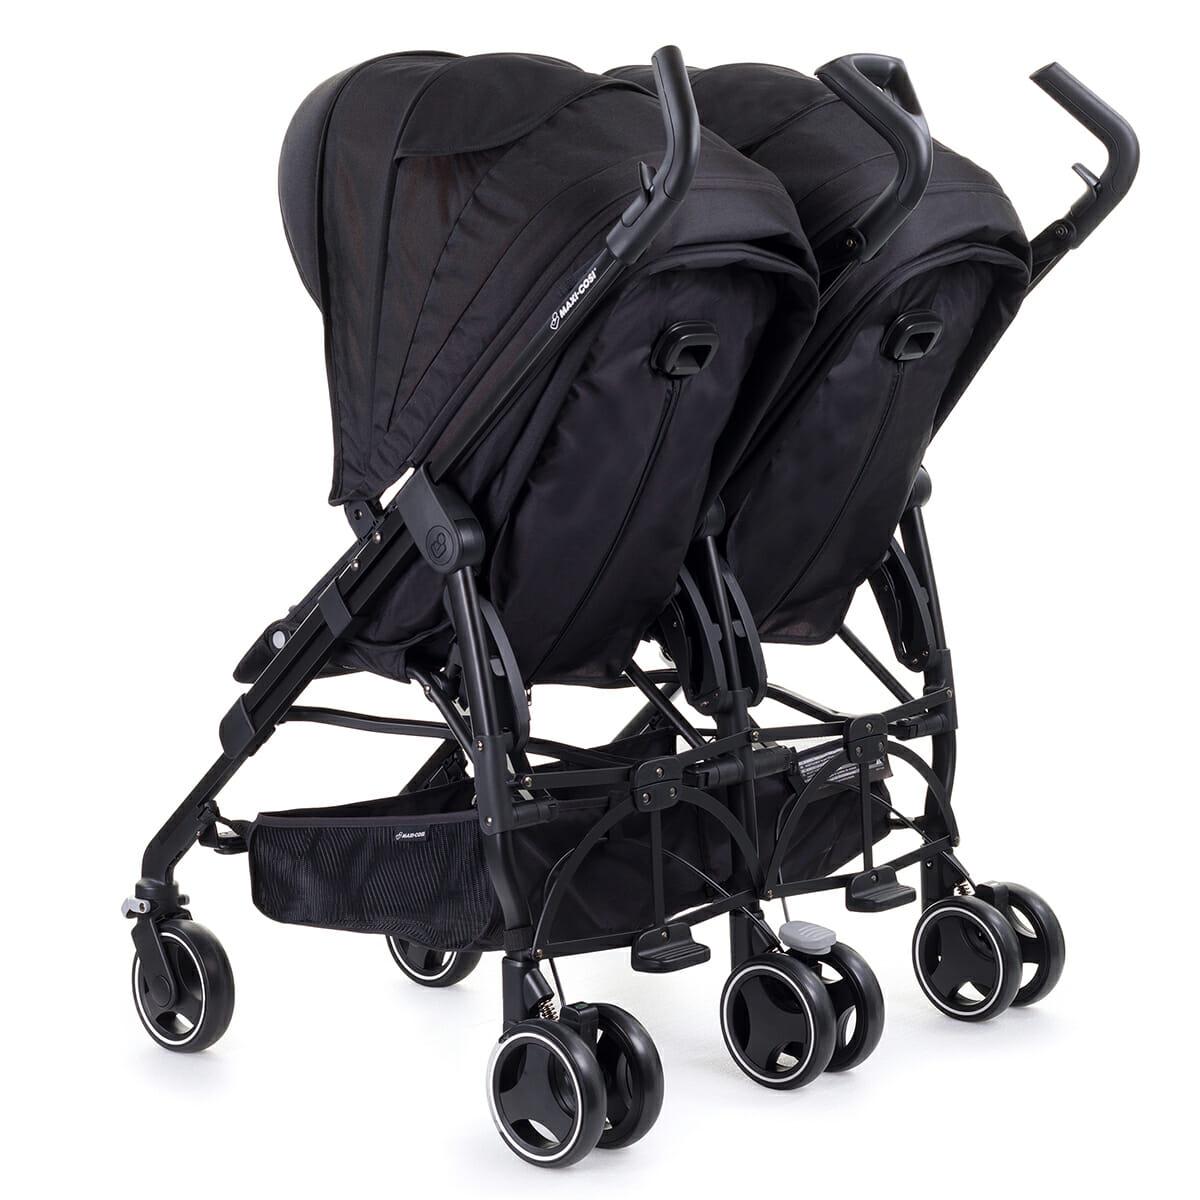 1391710110 2018 Maxicosi Stroller Travelsystem Danafor2 Black No